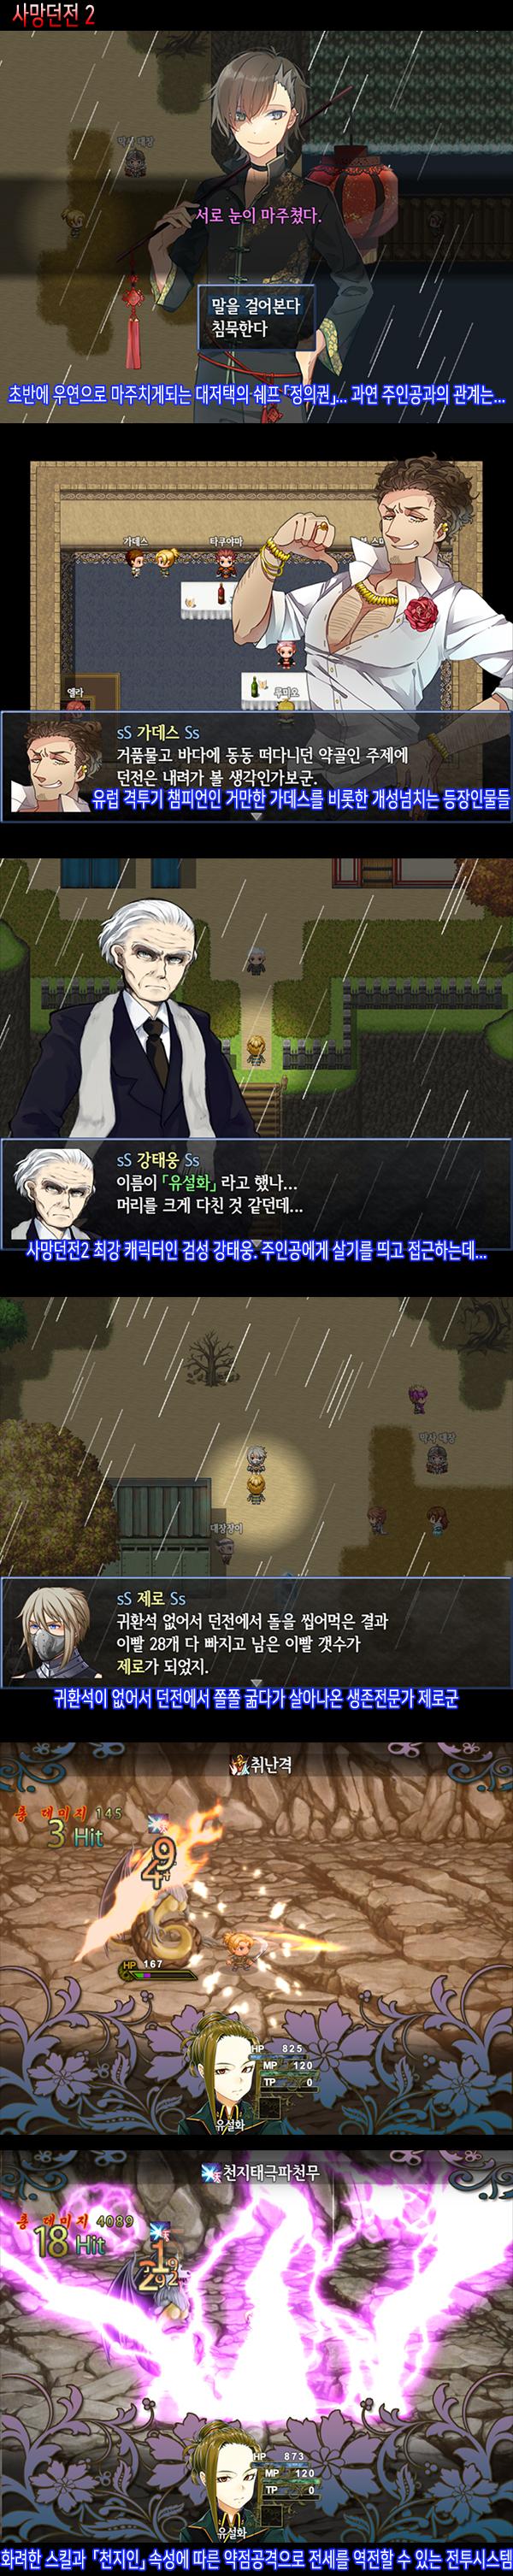 사망던전2 소개.jpg